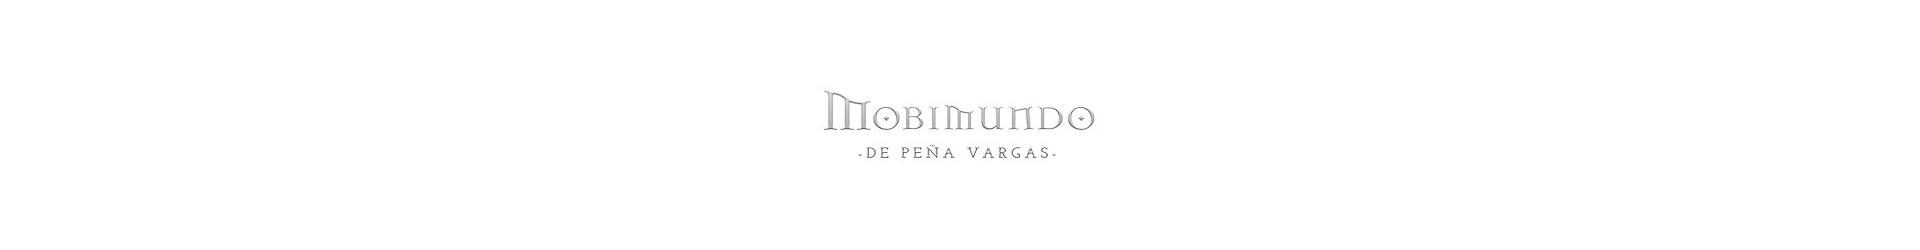 Mobimundo